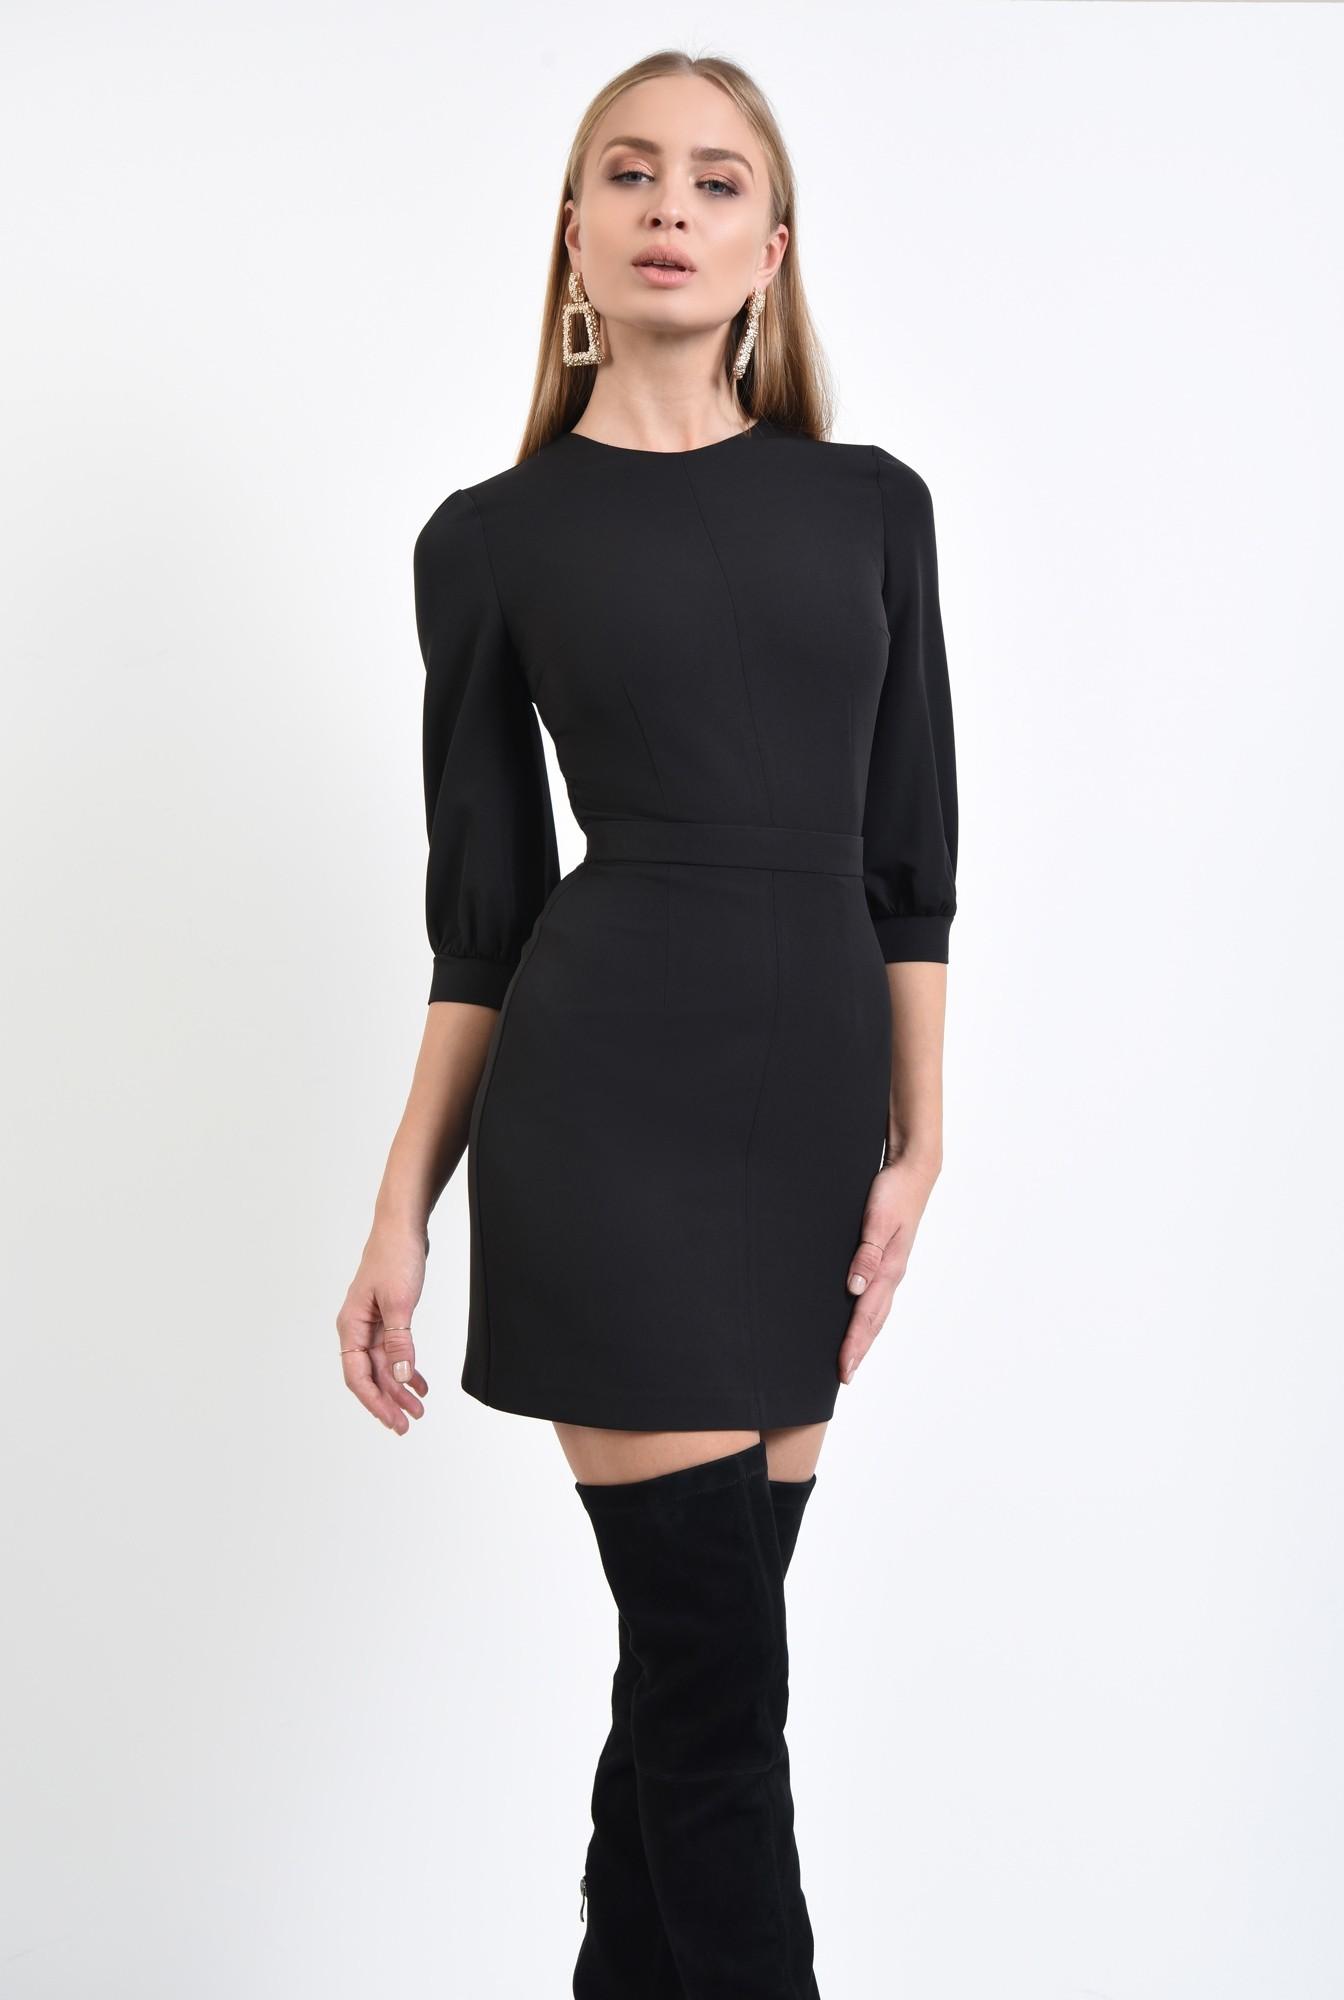 0 - 360 - rochie eleganta conica, betelie ingusta, decolteu rotund la baza gatului. rochii online